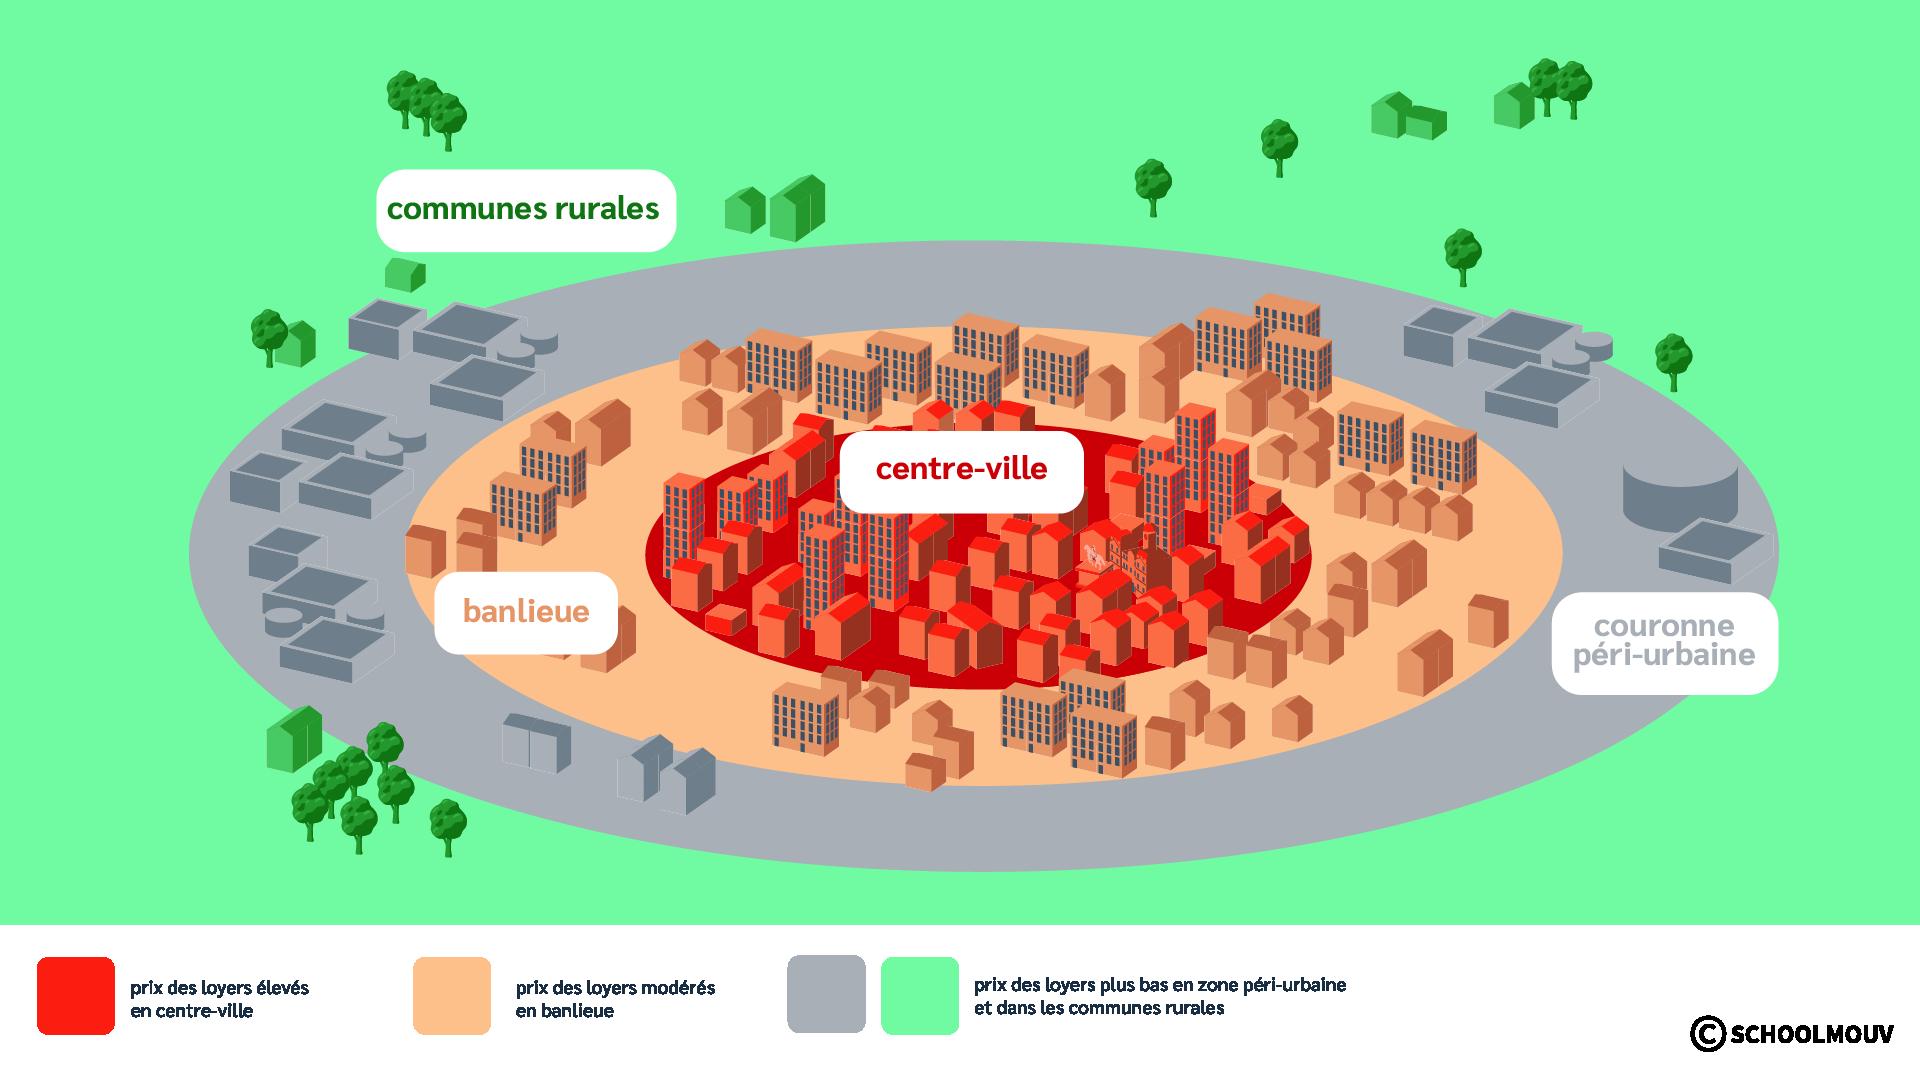 Schéma - Prix des loyers - Centre-ville - Banlieue - Couronne péri-urbaine - Communes rurales - Comparaison - SchoolMouv - Géographie - CM1